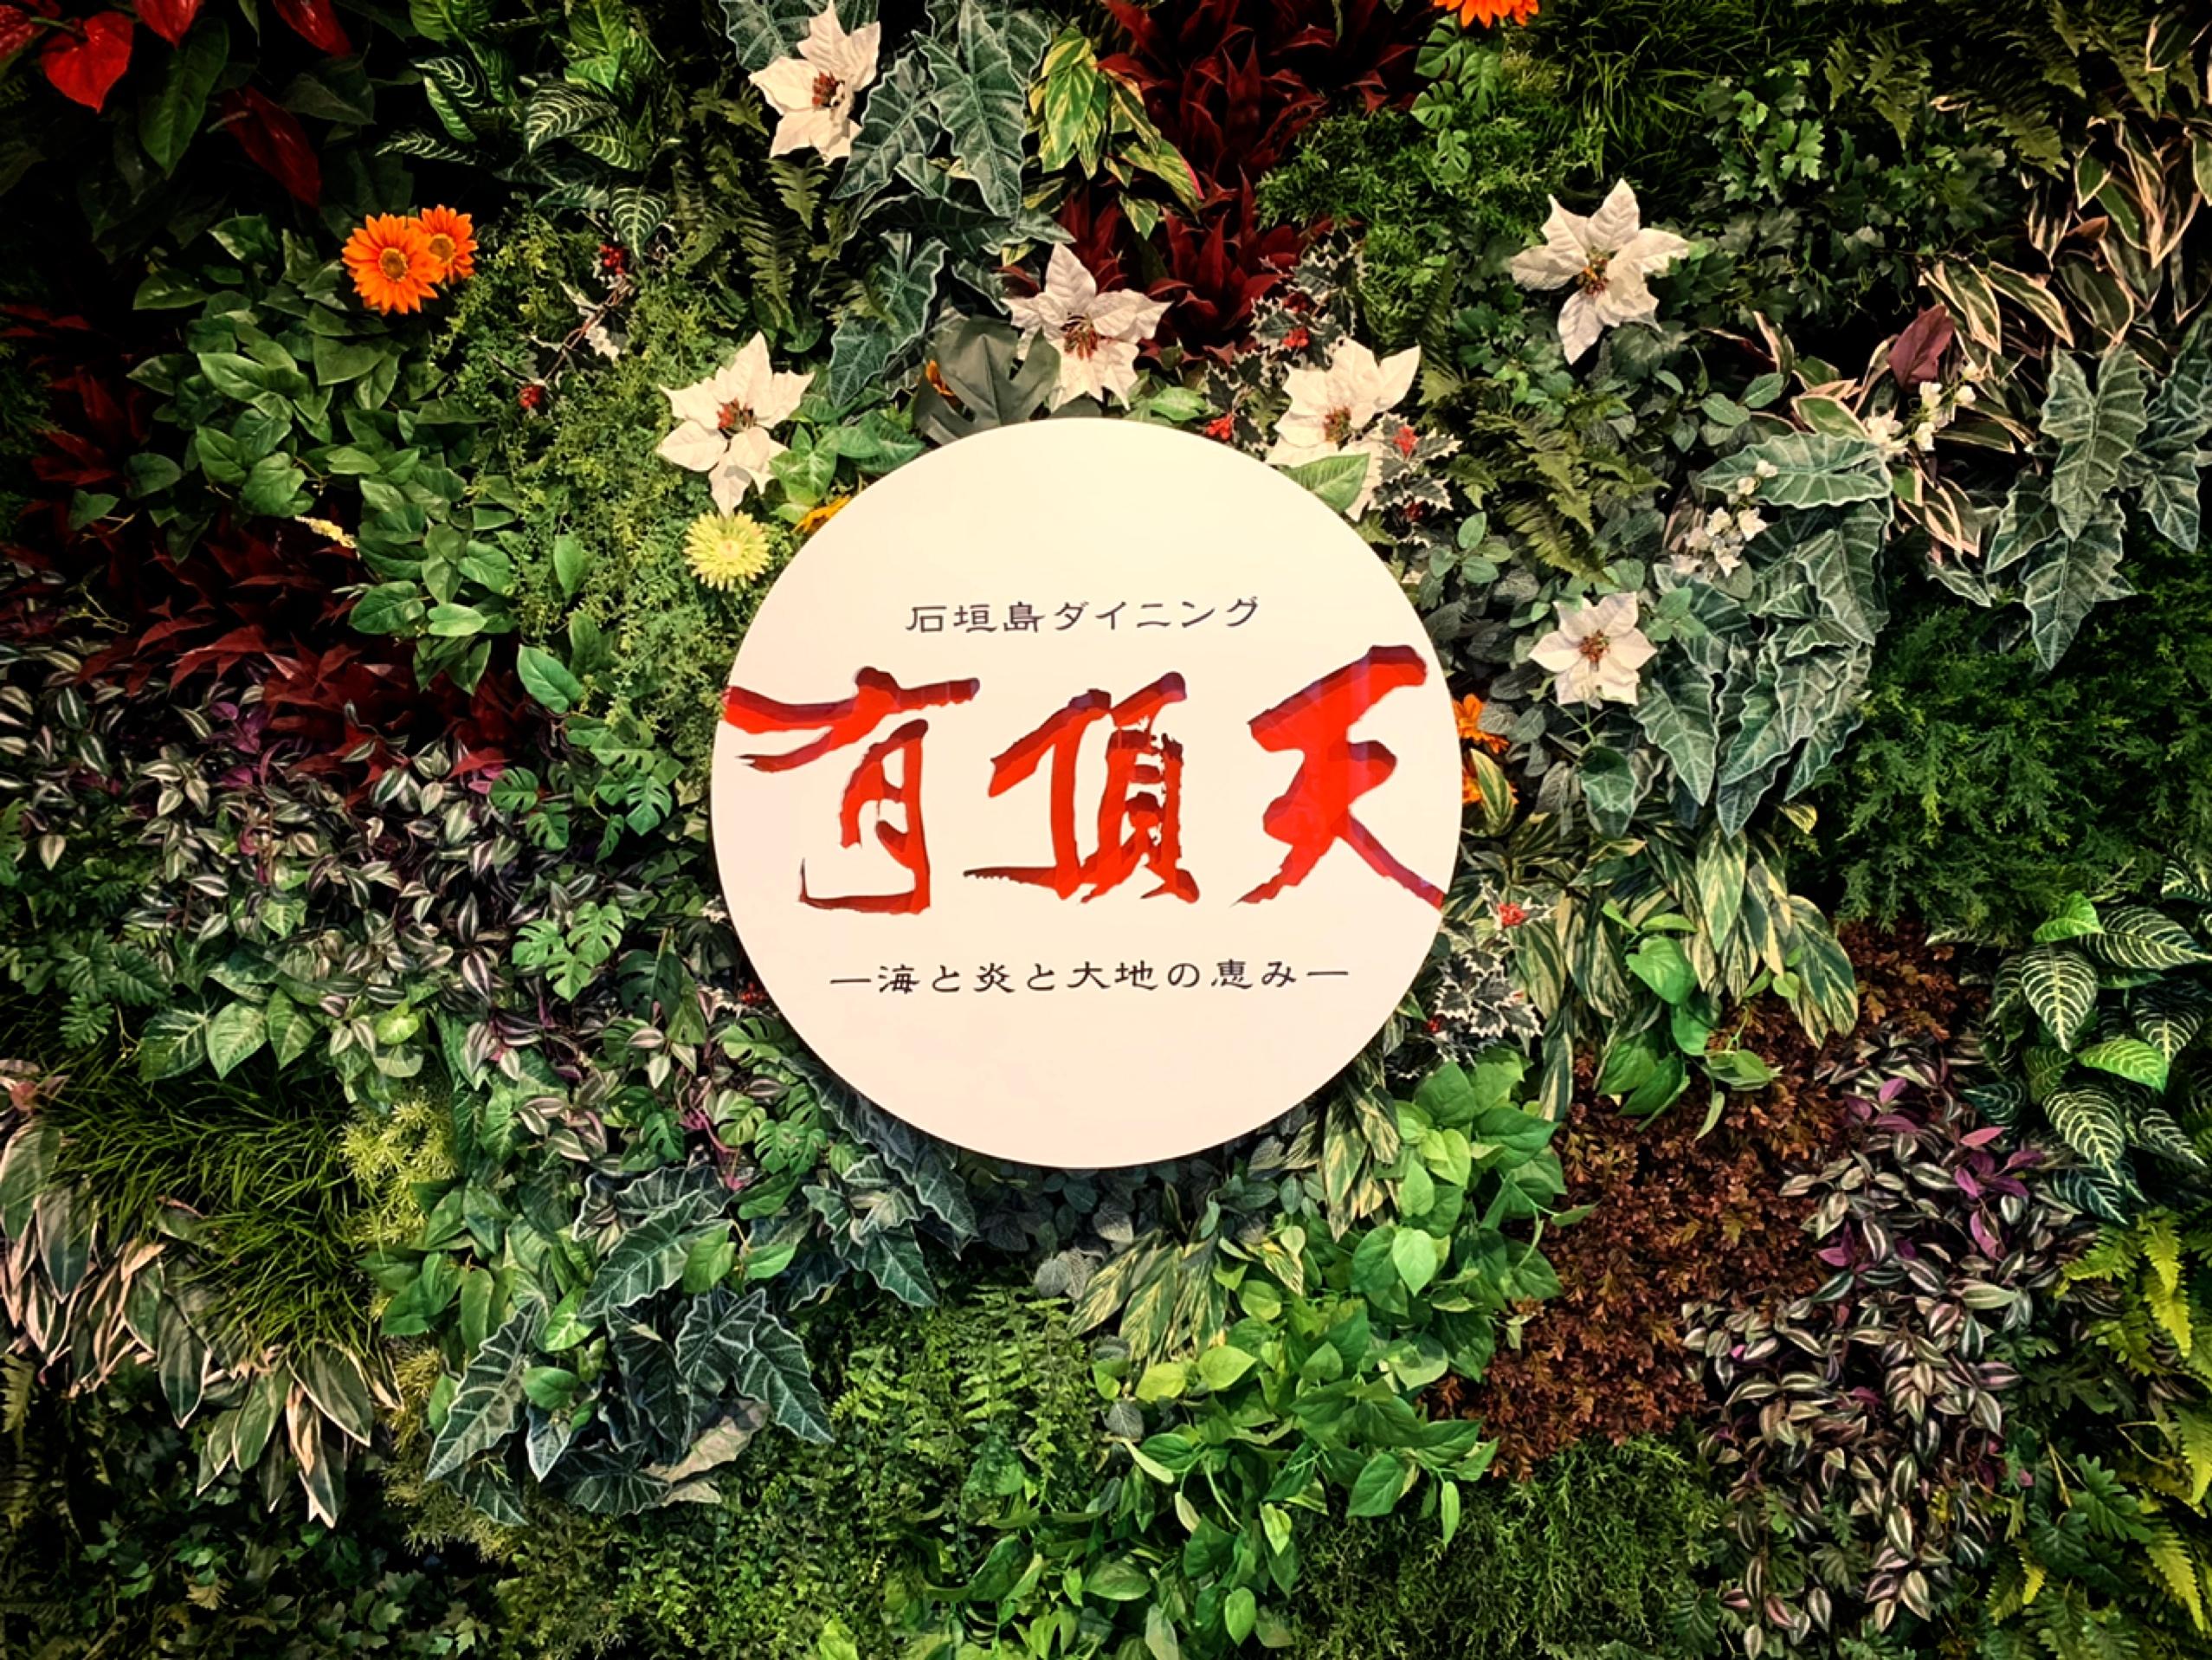 石垣牛や沖縄料理、中華をリーズナブルな価格で楽しめる✨✨